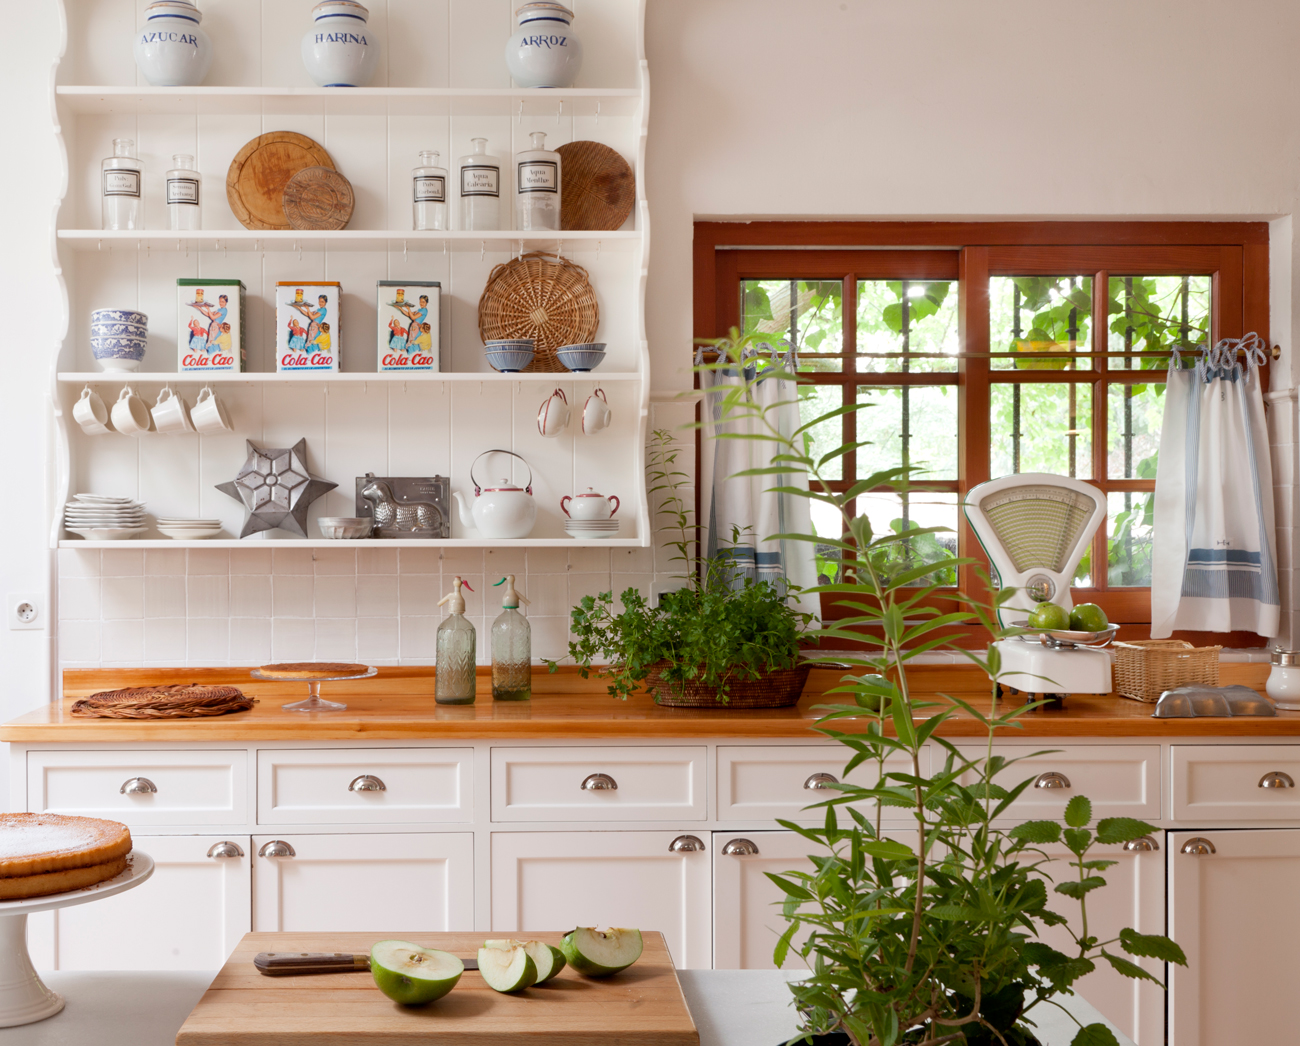 Detalles para renovar tu cocina - Cocina rustica blanca ...